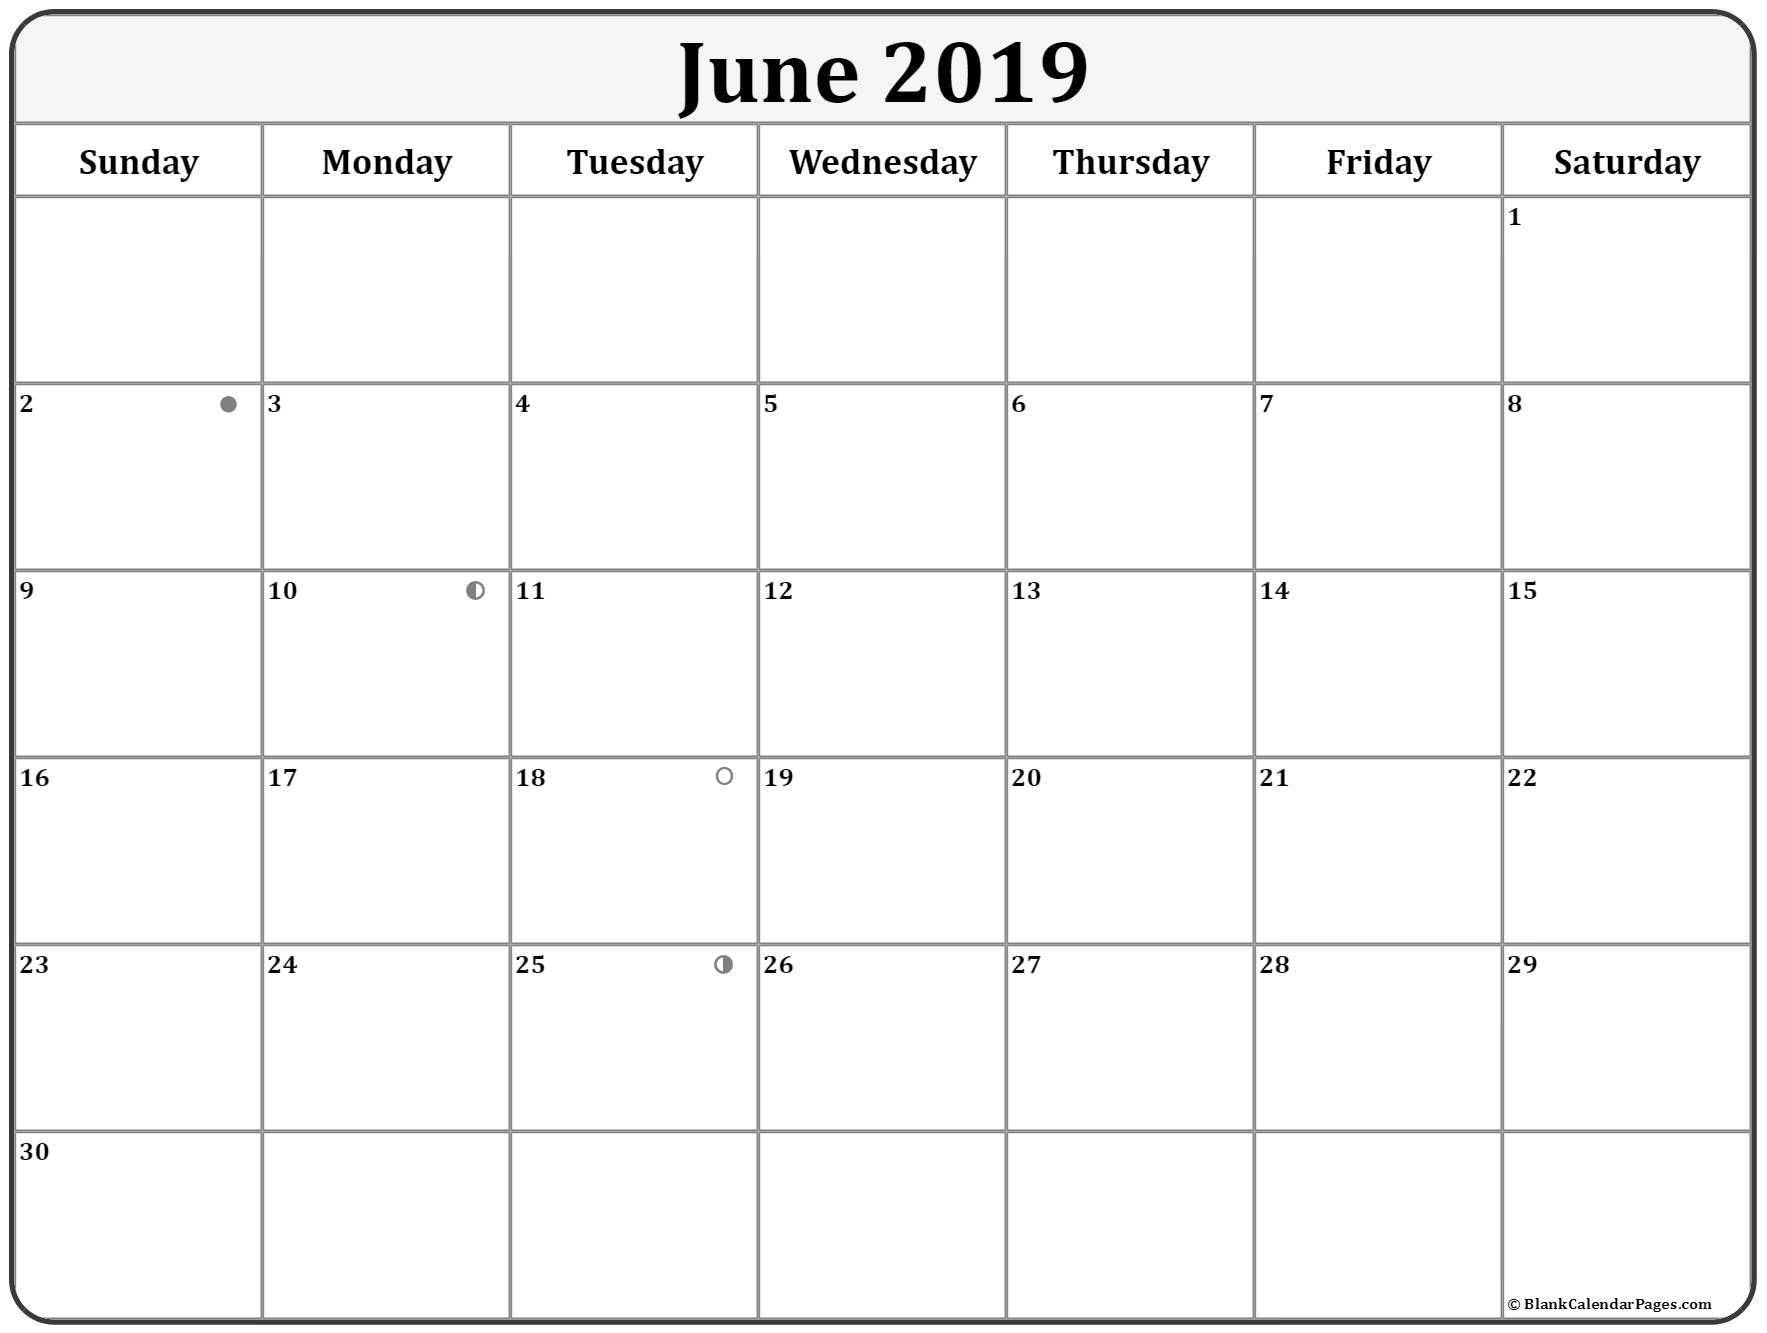 June 2019 Moon Calendar